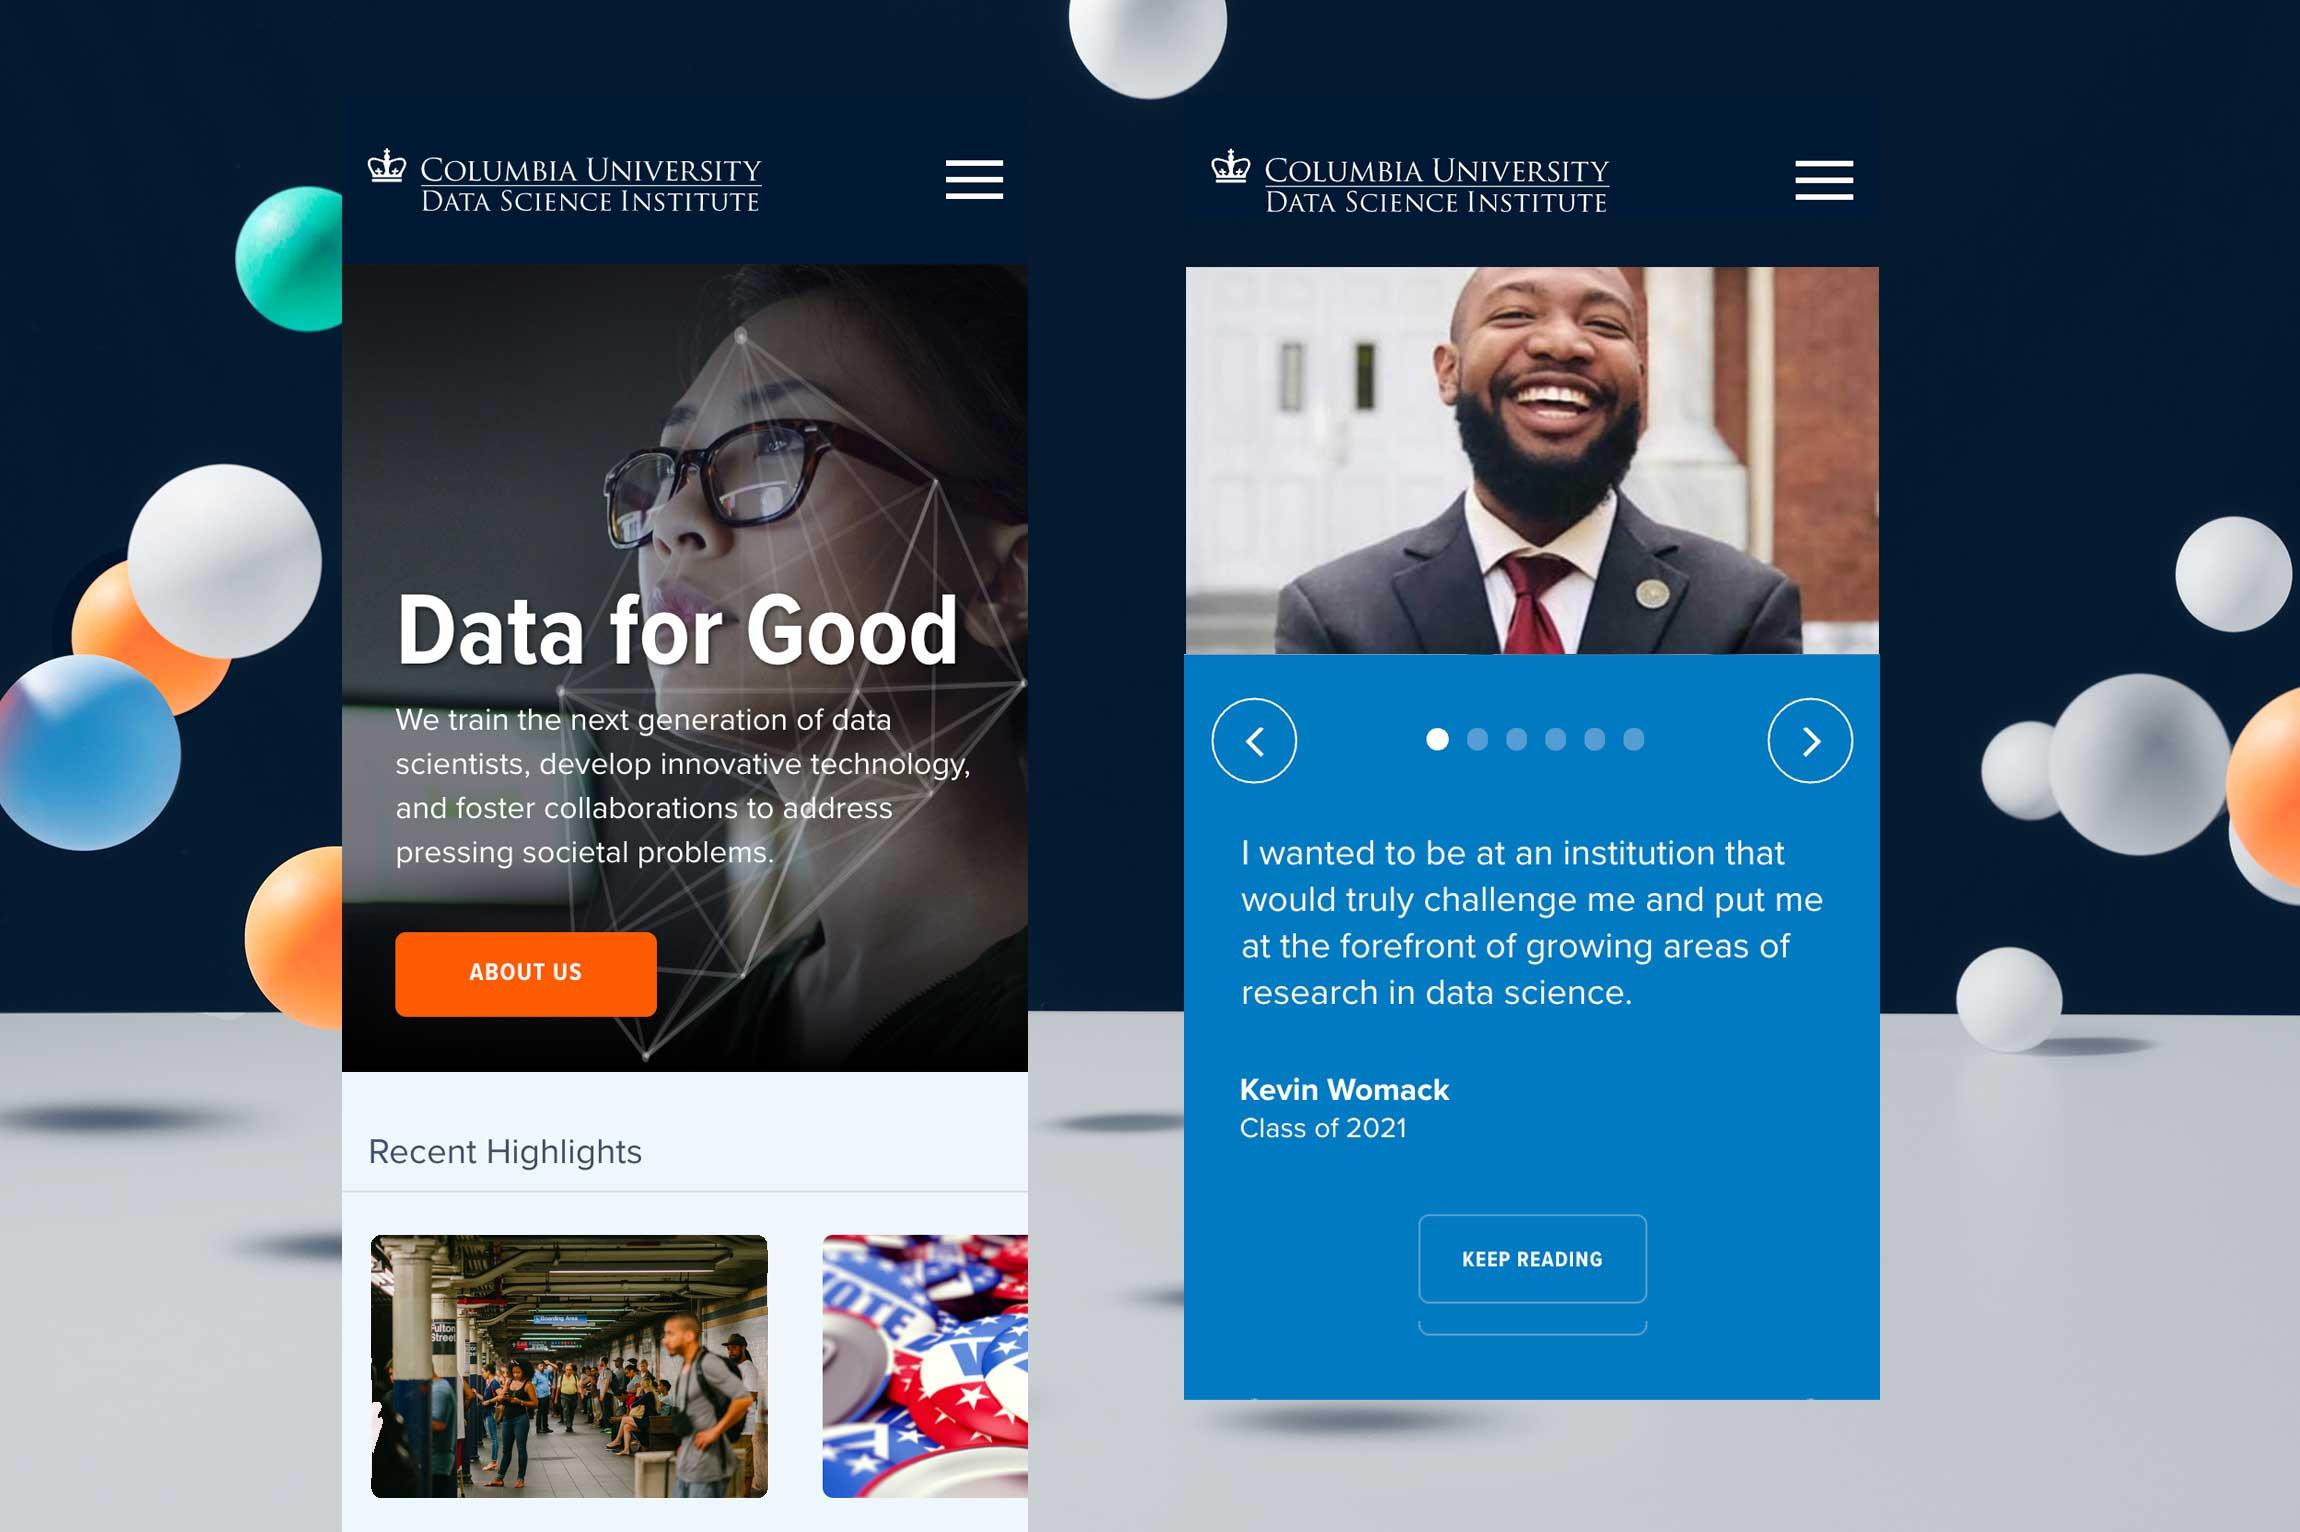 Columbia-Data-Science-Institute-website-design-1